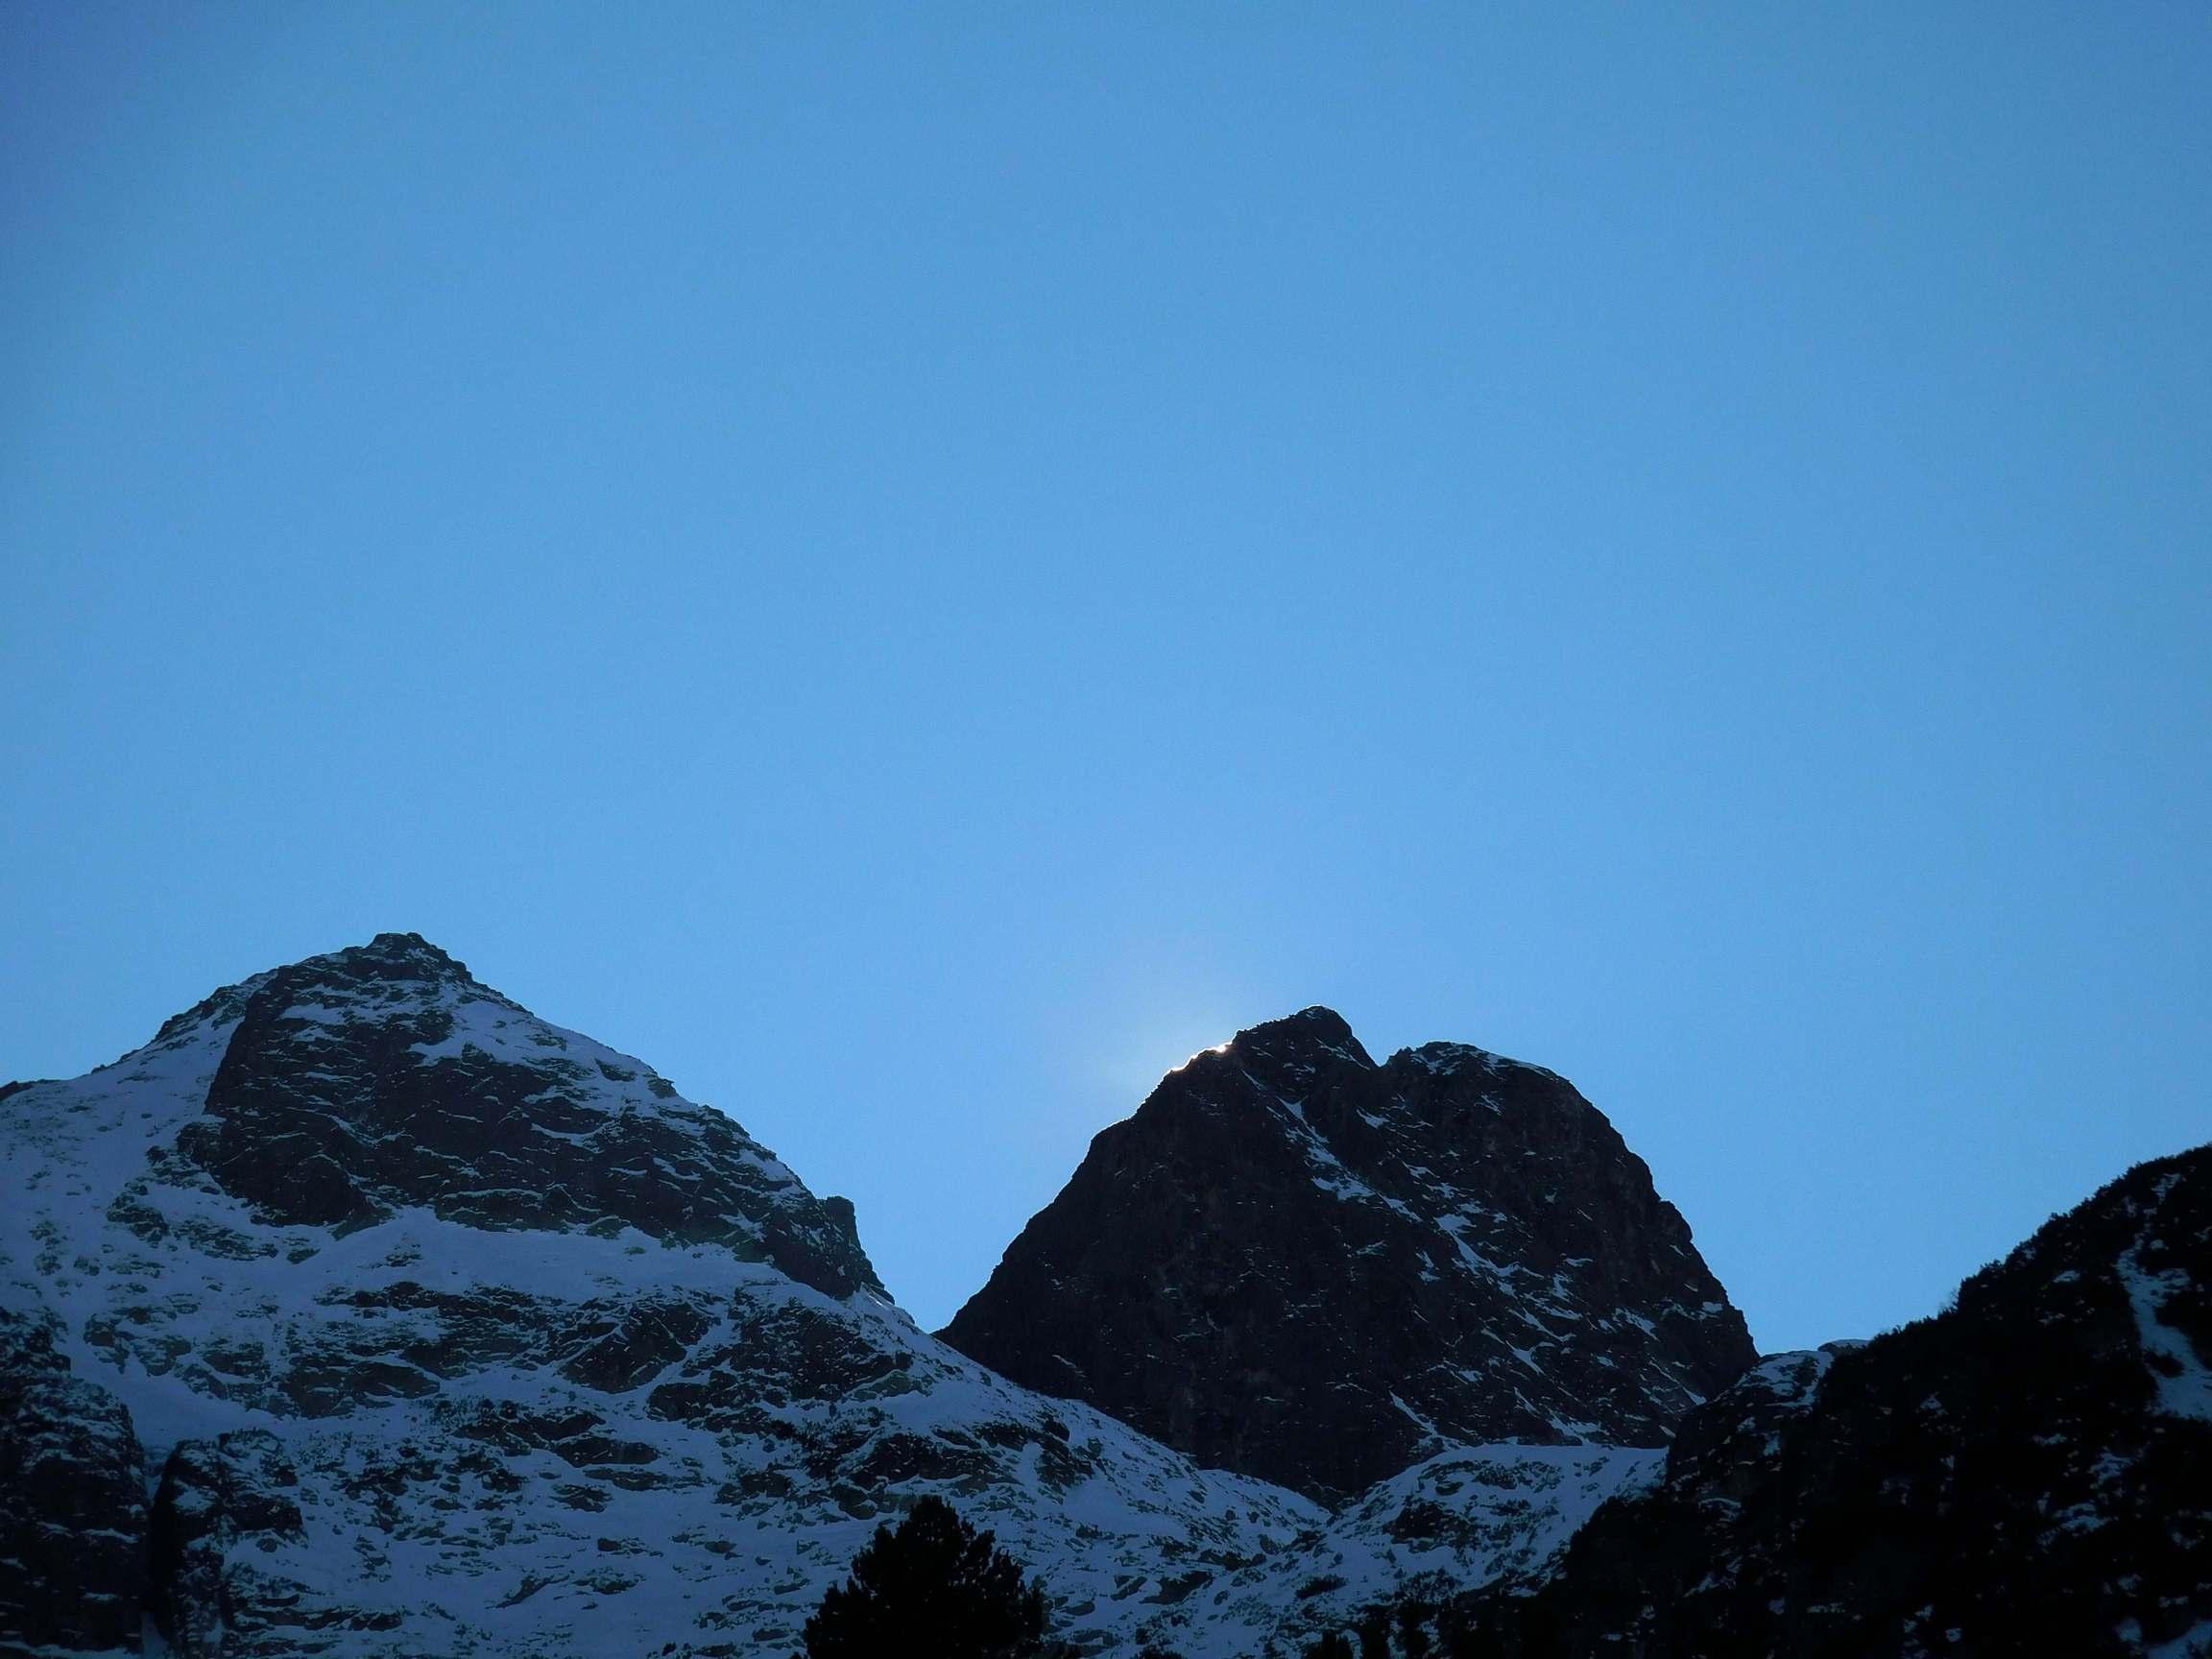 Malyovitsa Peak, Rila, Bulgaria